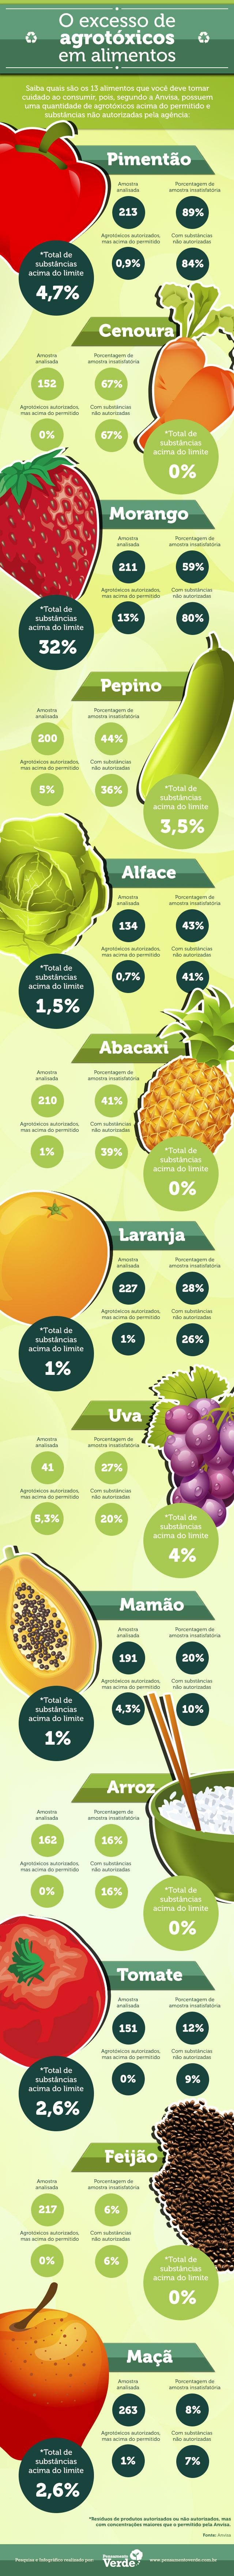 Infográfico de Agrotóxicos em alimentos